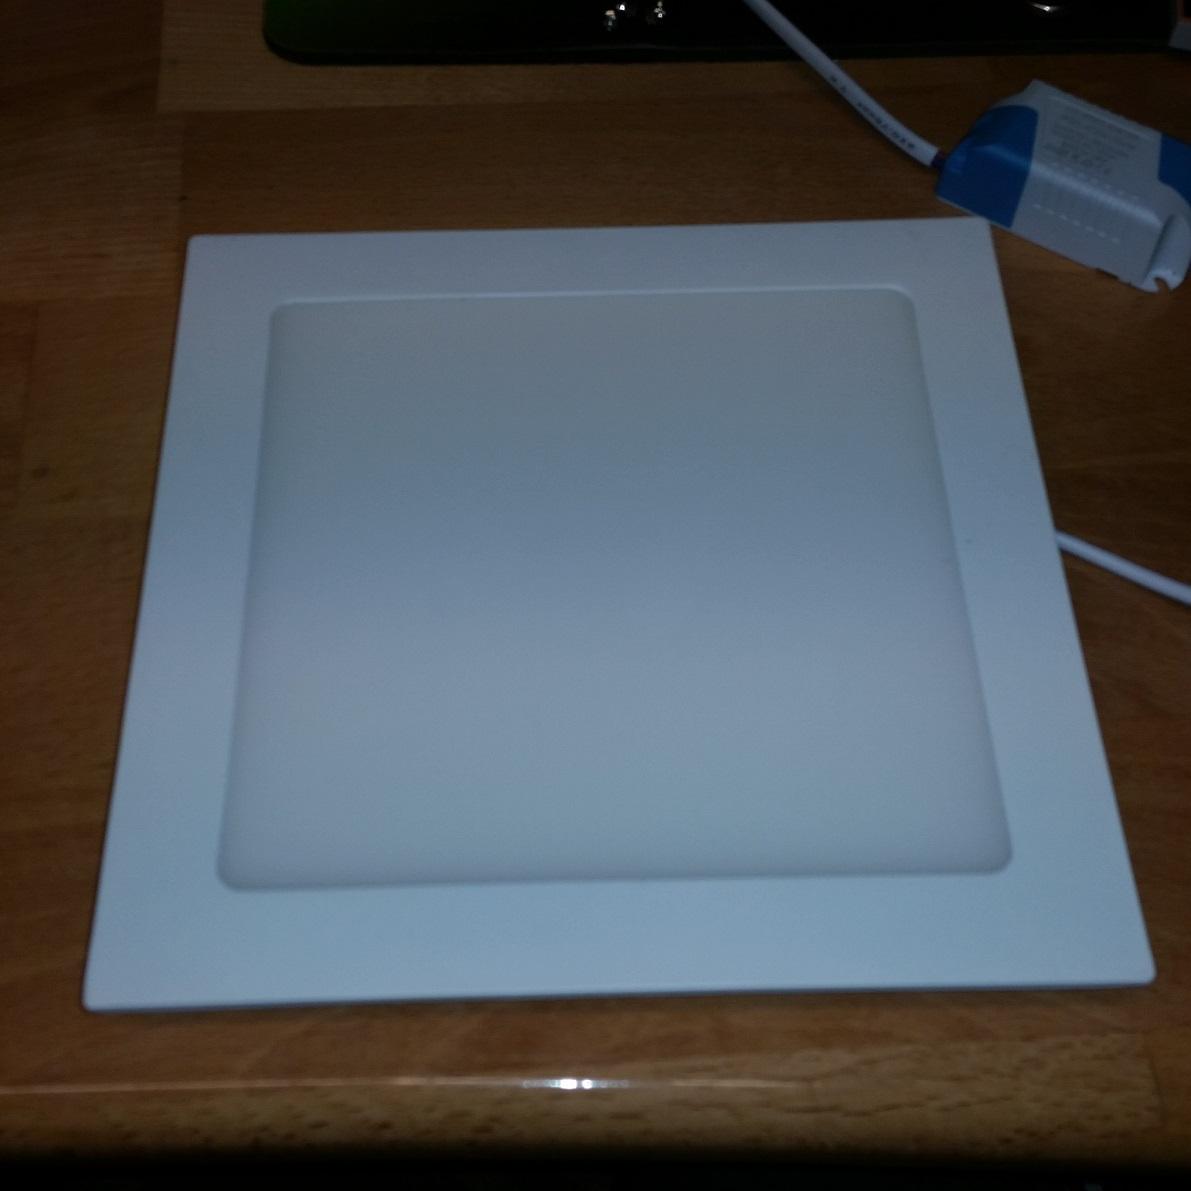 Beleuchtung fürs Wohnzimmer, günstige 18W LED Lampe \